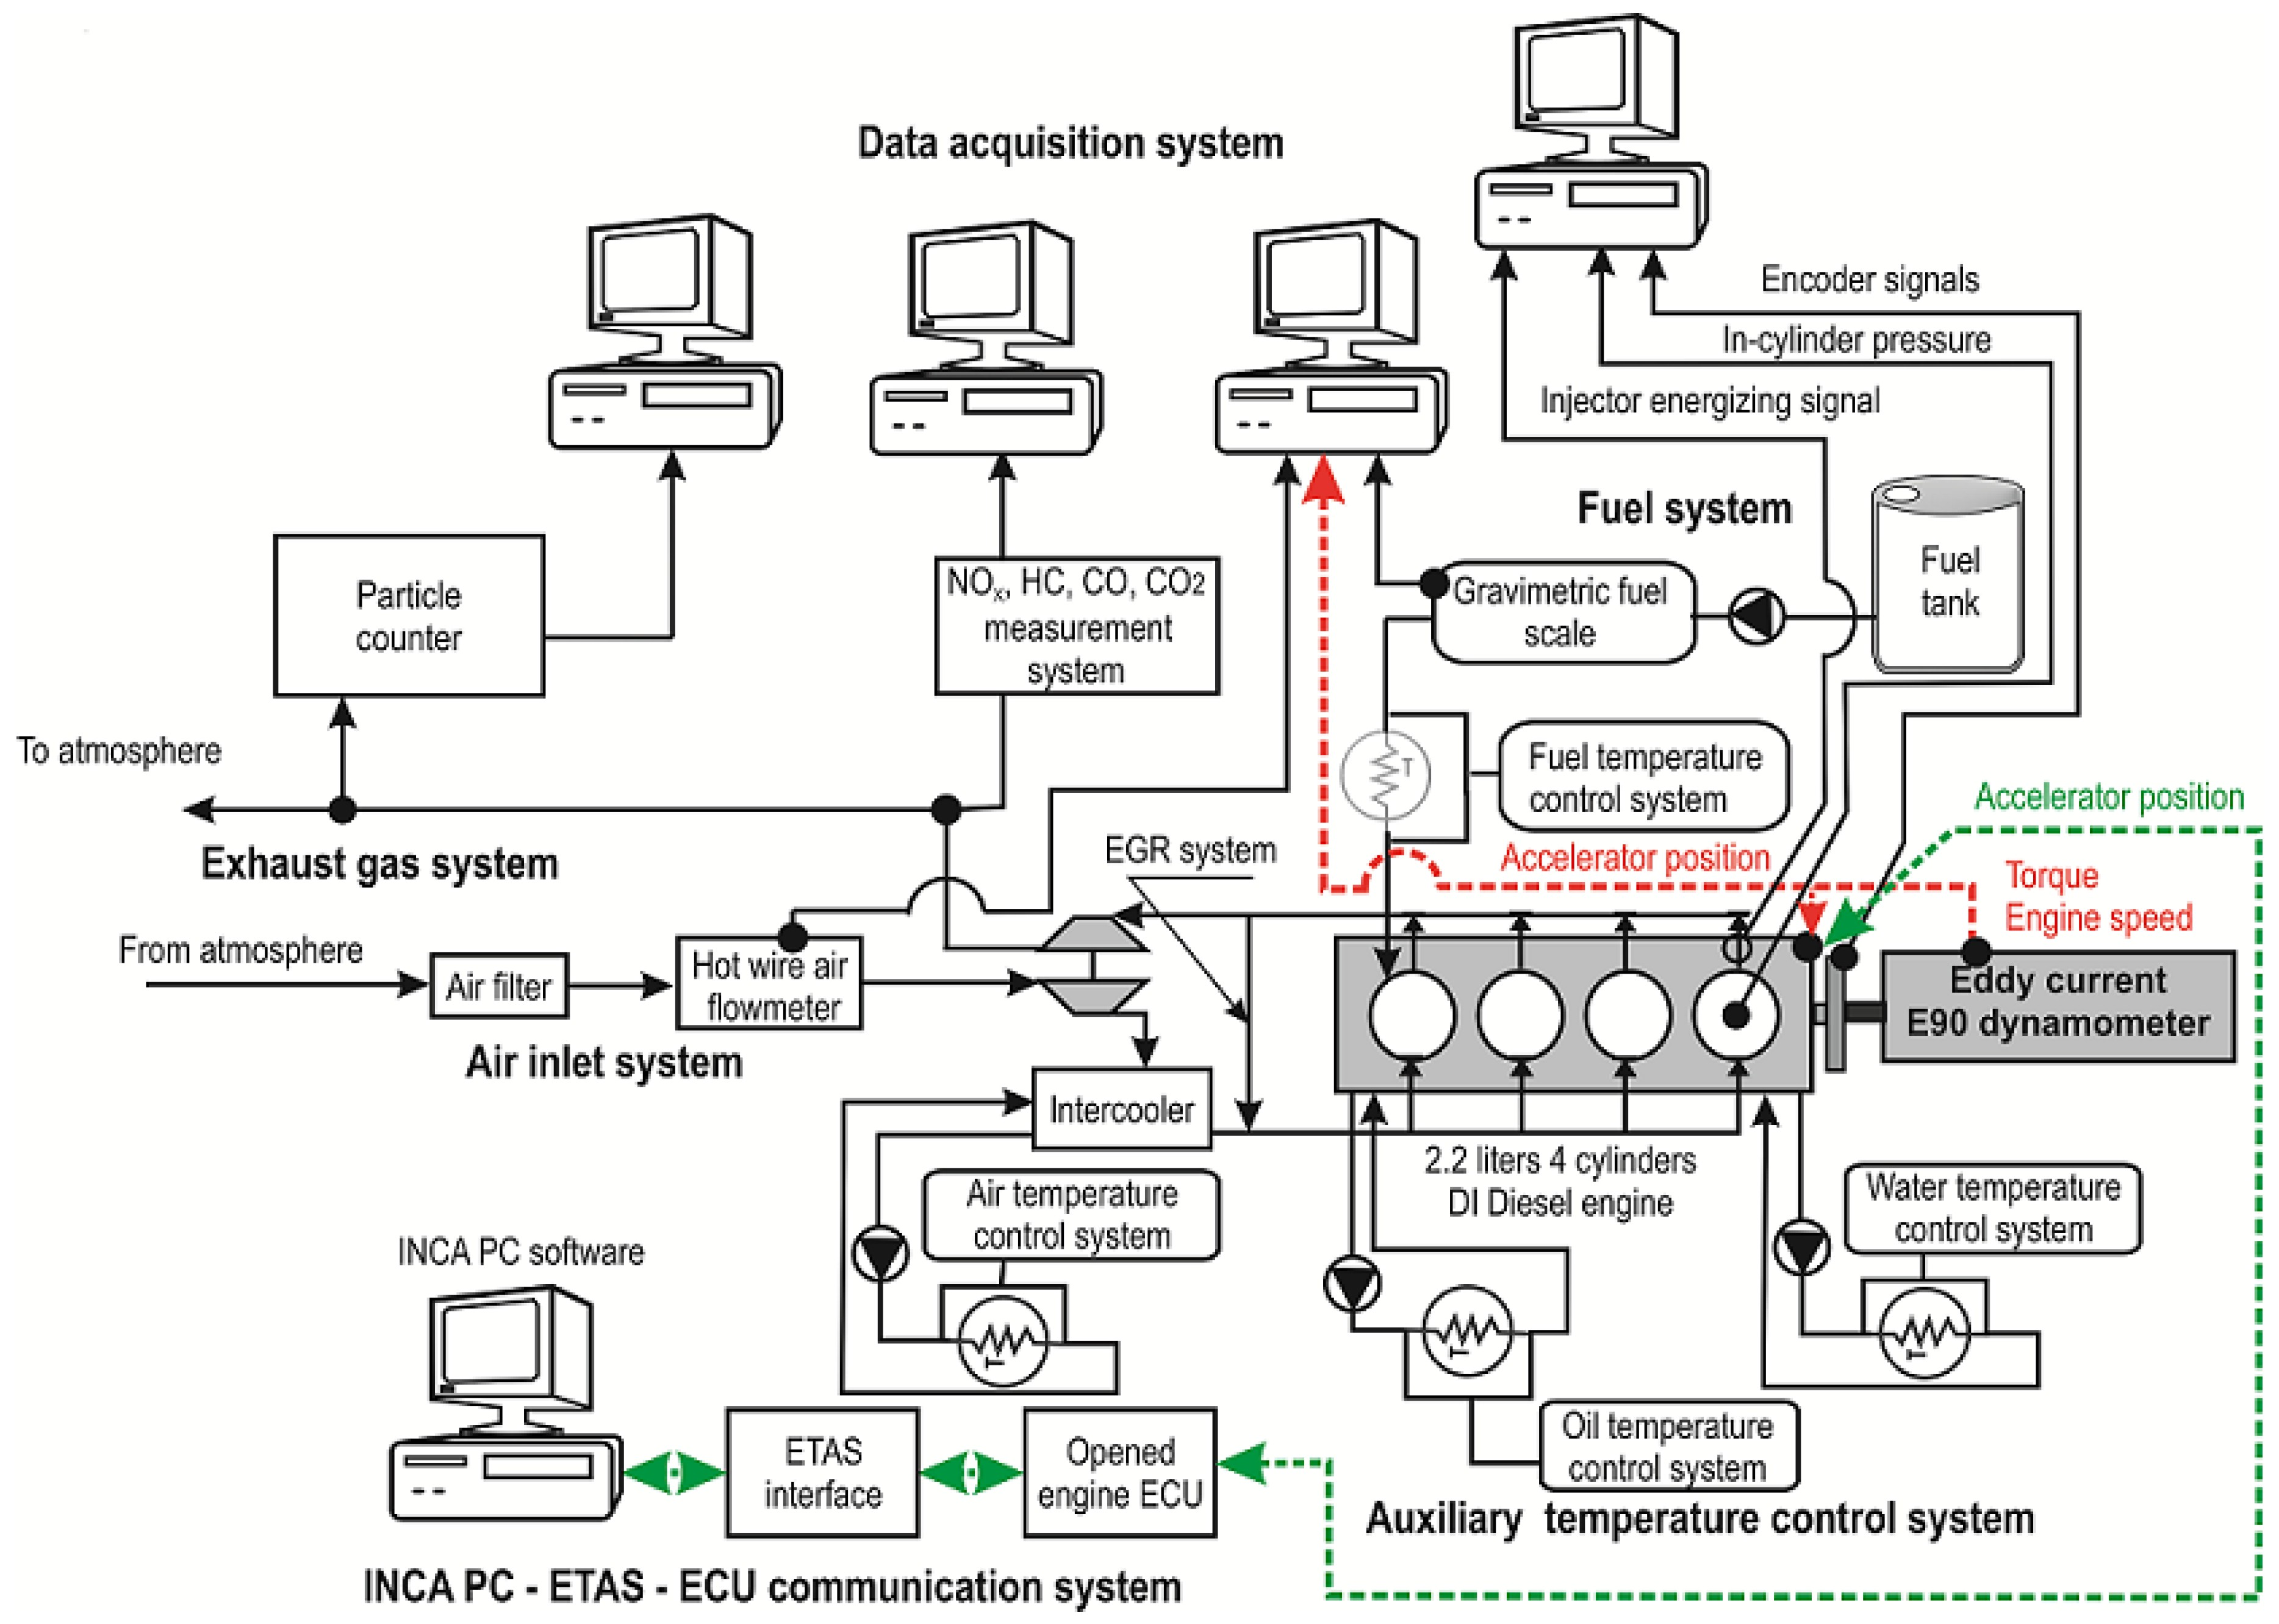 Diagram Of Diesel Engine Energies Of Diagram Of Diesel Engine